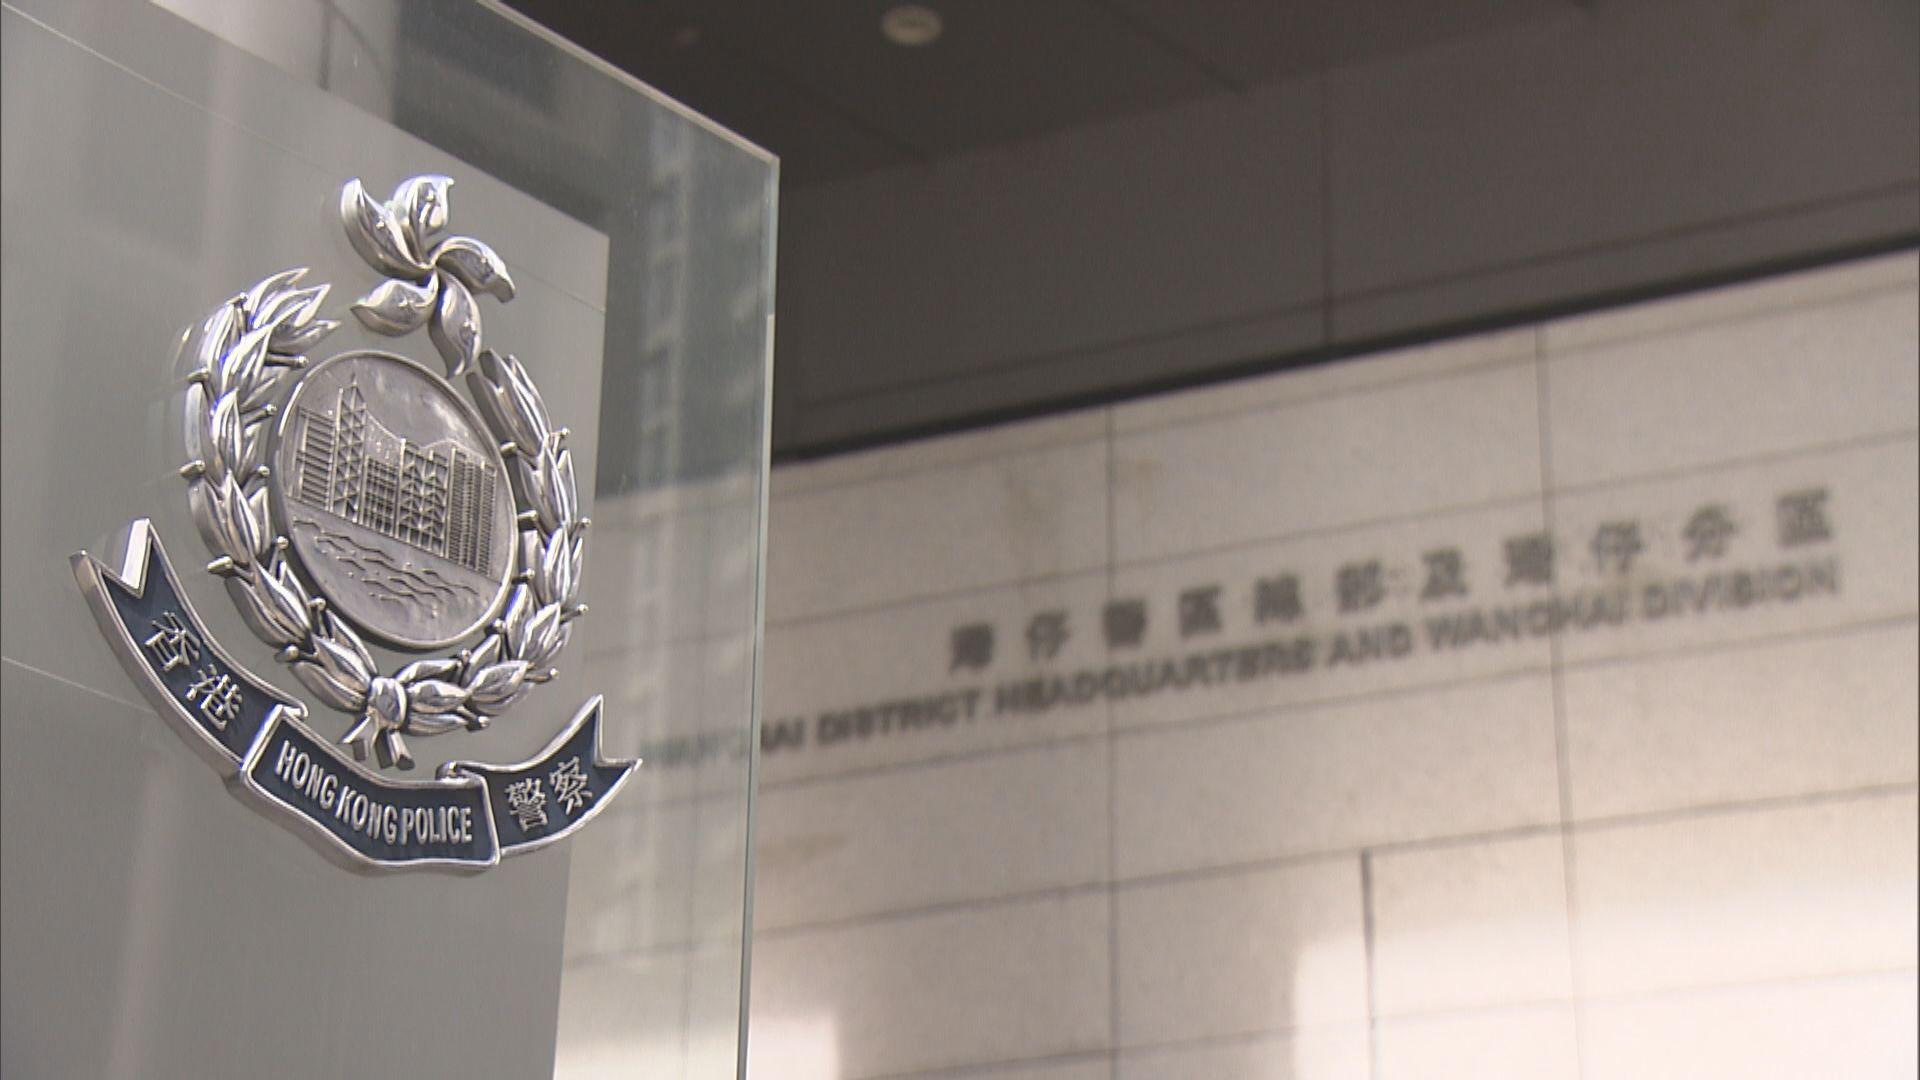 學生動源指陸海天被警方國安處以涉嫌協助罪犯潛逃拘捕